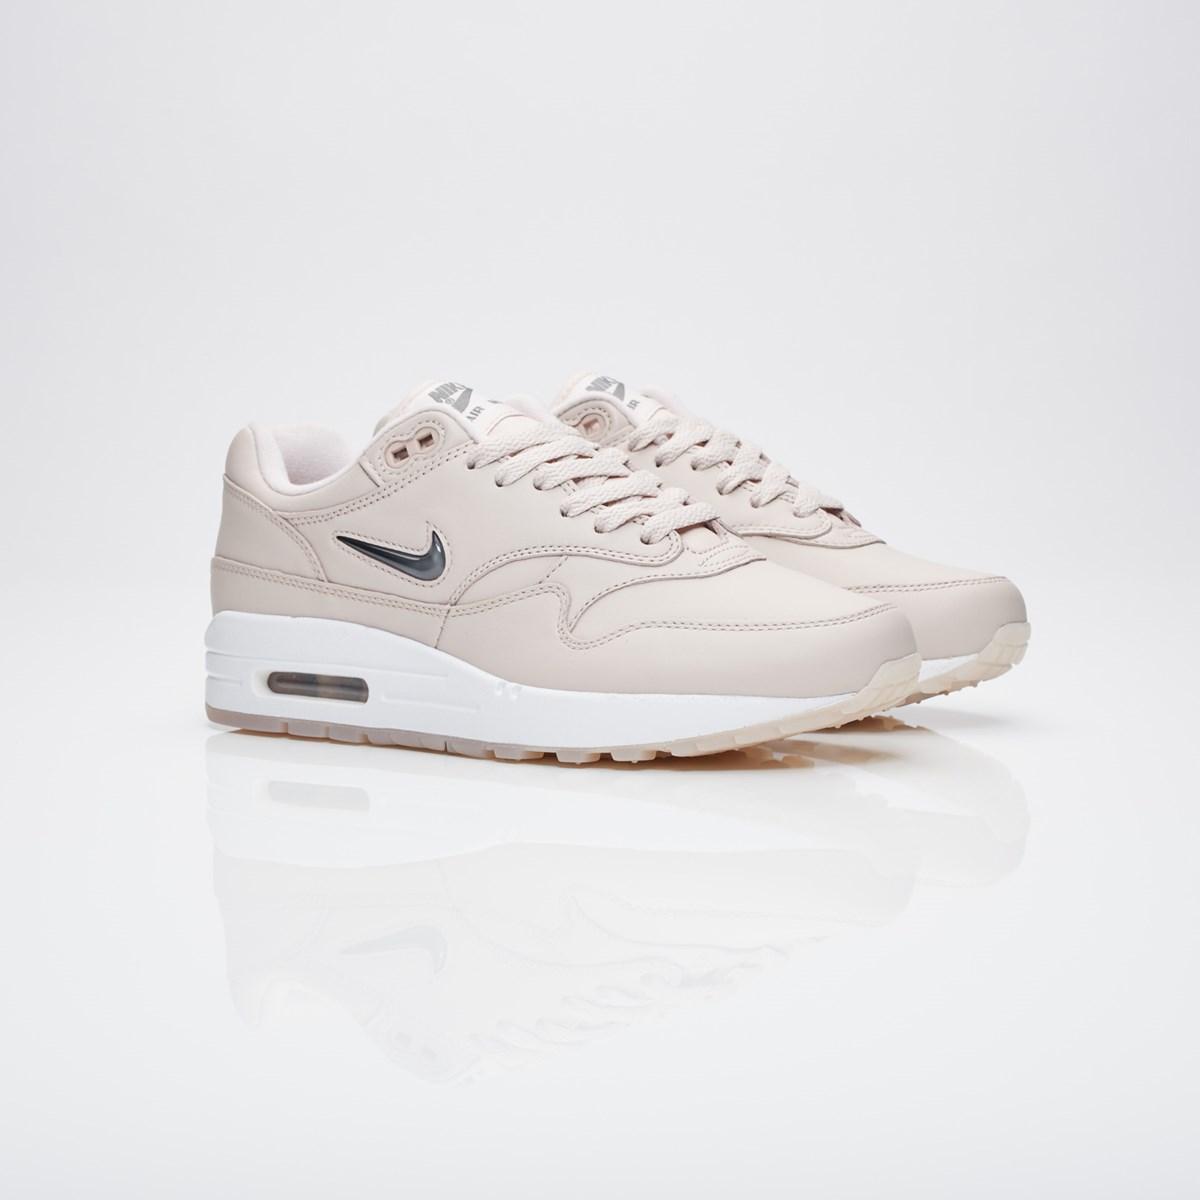 Sneakersnstuff The Nike Air Max 1 Premium SC